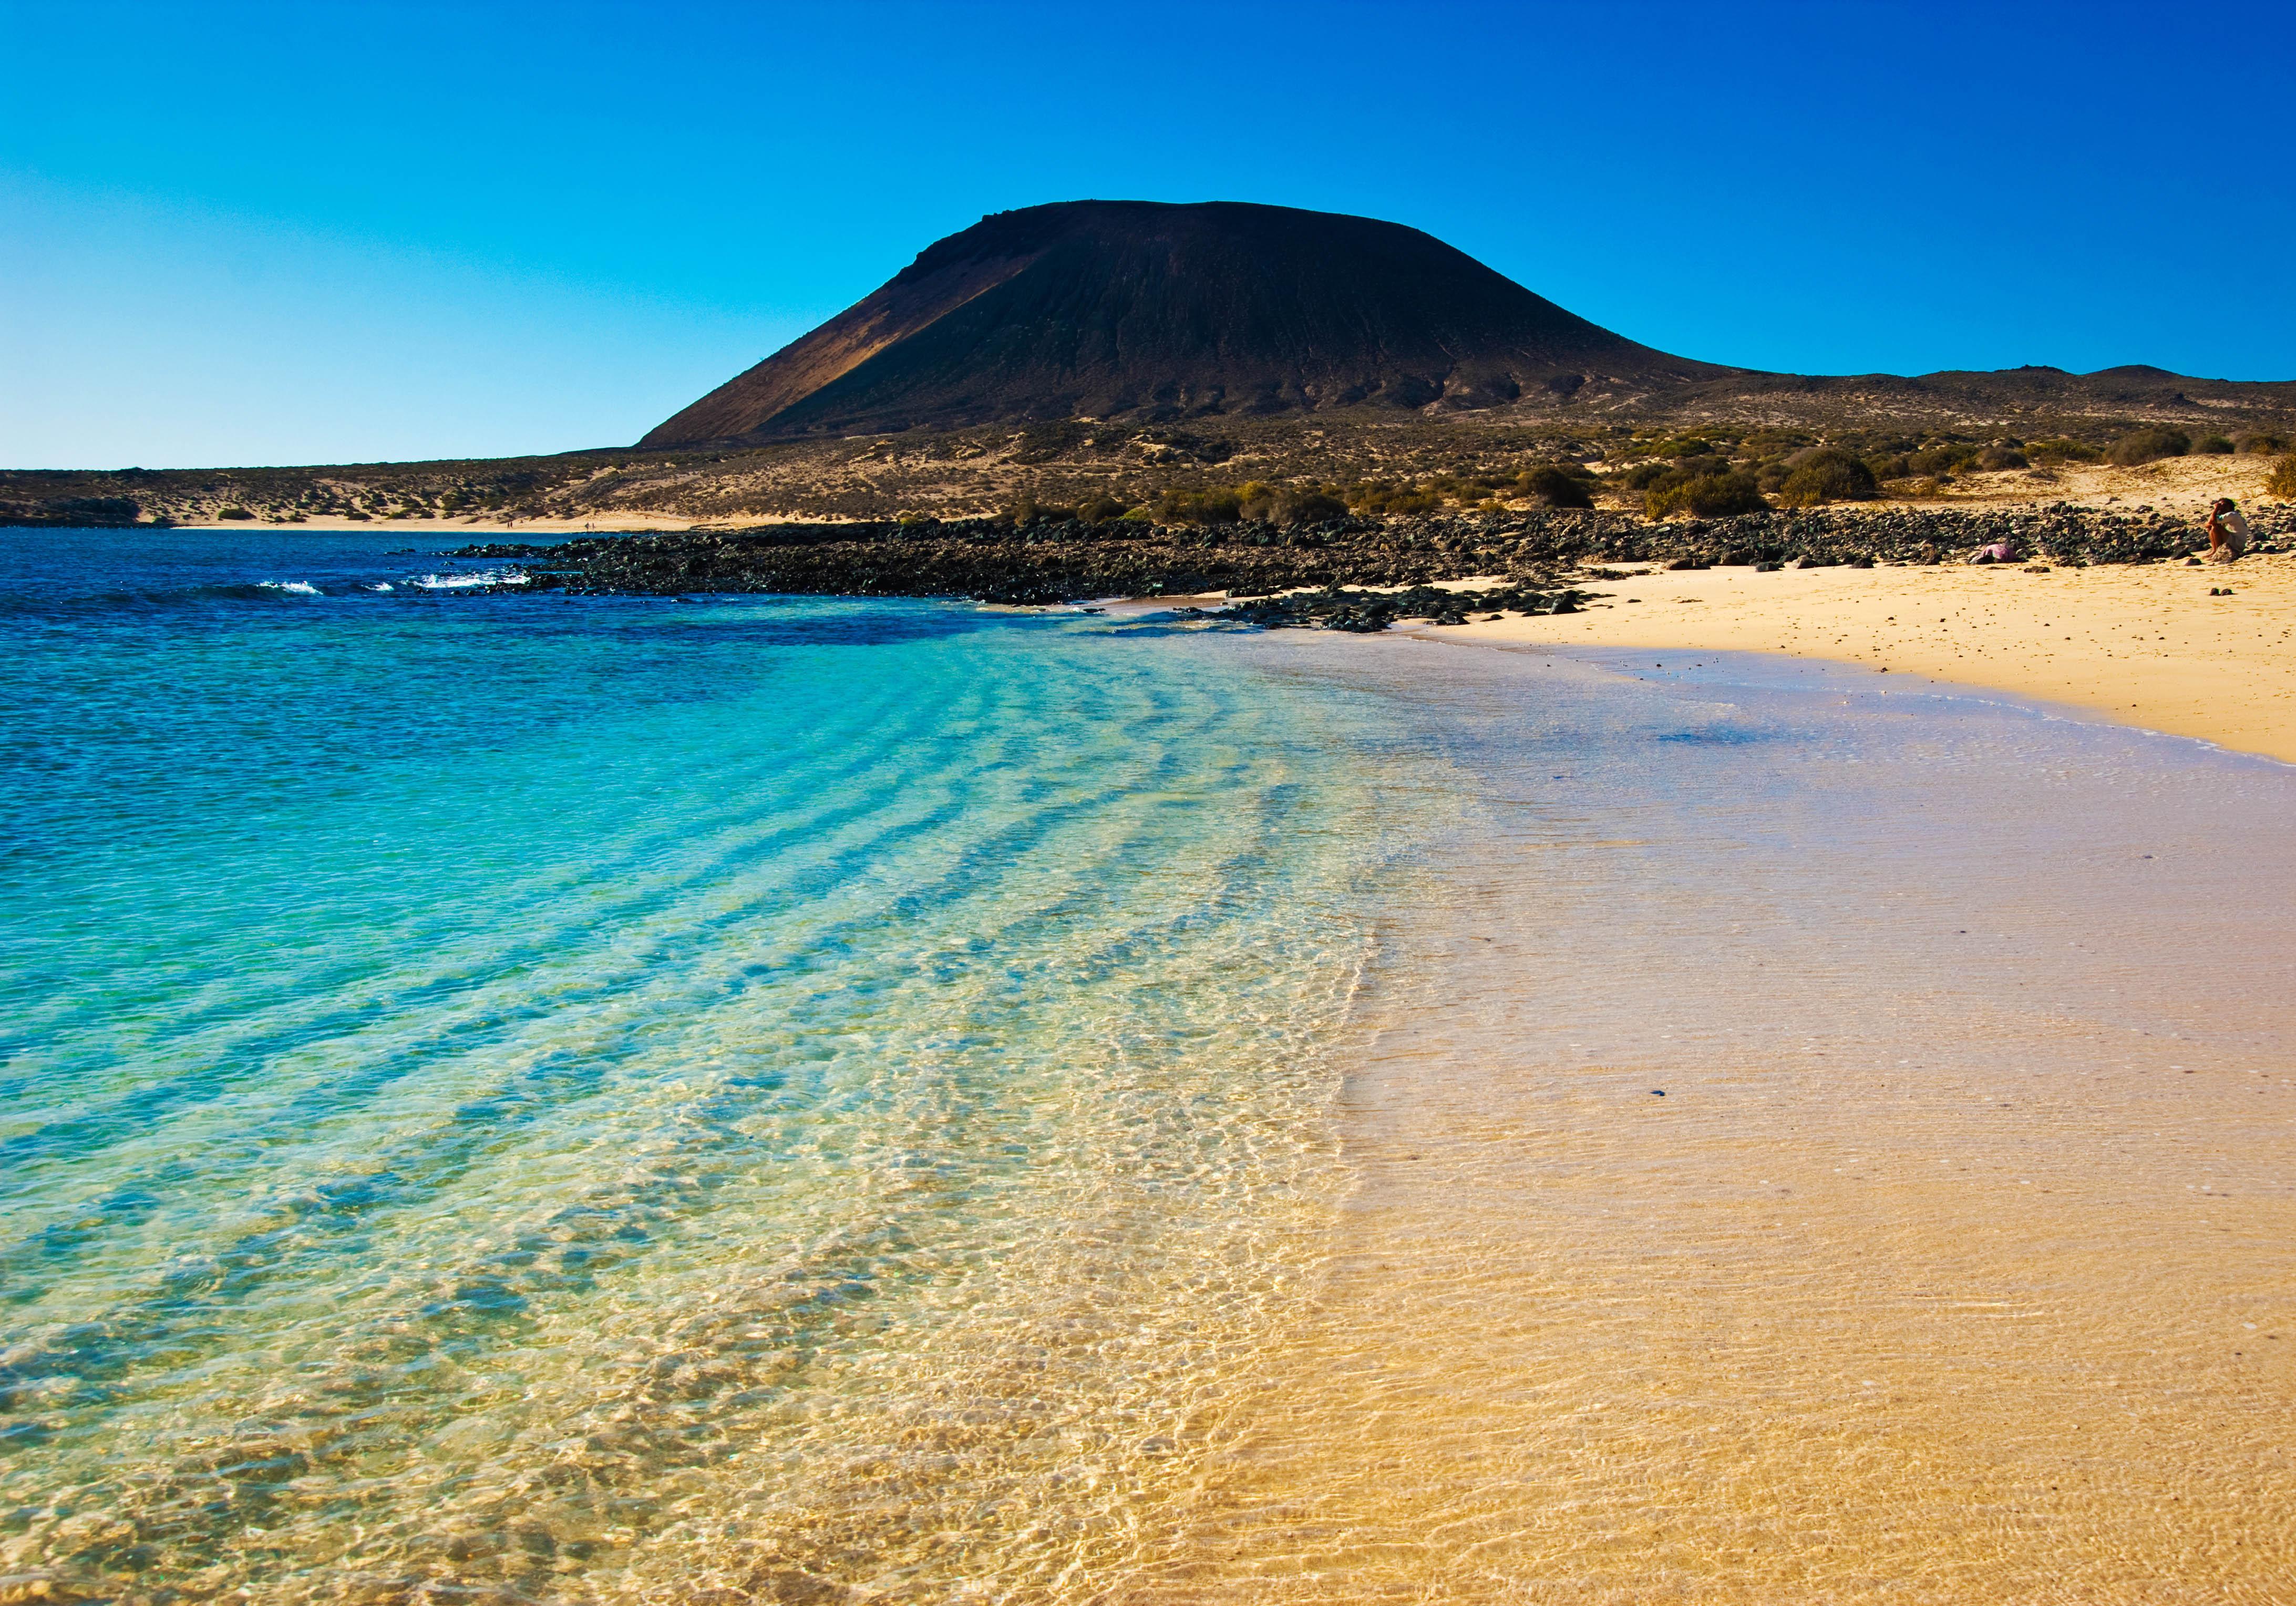 Fabuleux Iles Canaries : notre guide des bonnes adresses des iles Canaries  SI09